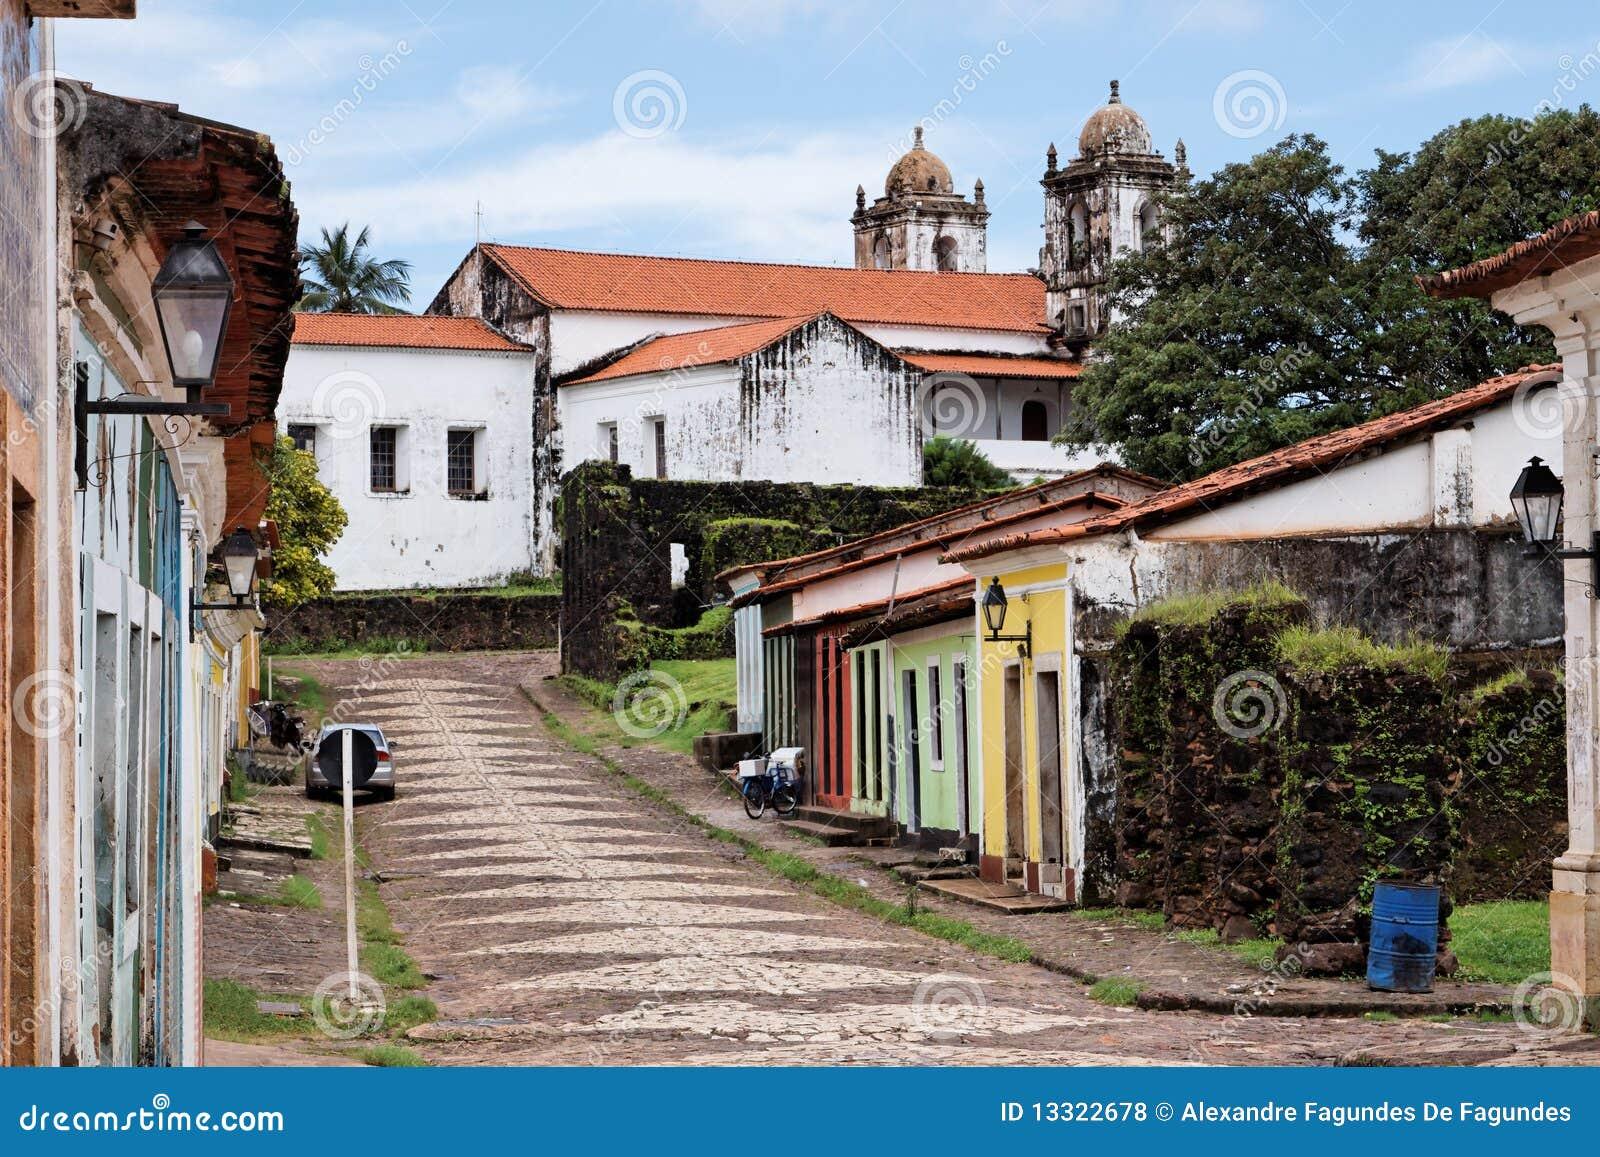 Alcântara Maranhão fonte: thumbs.dreamstime.com